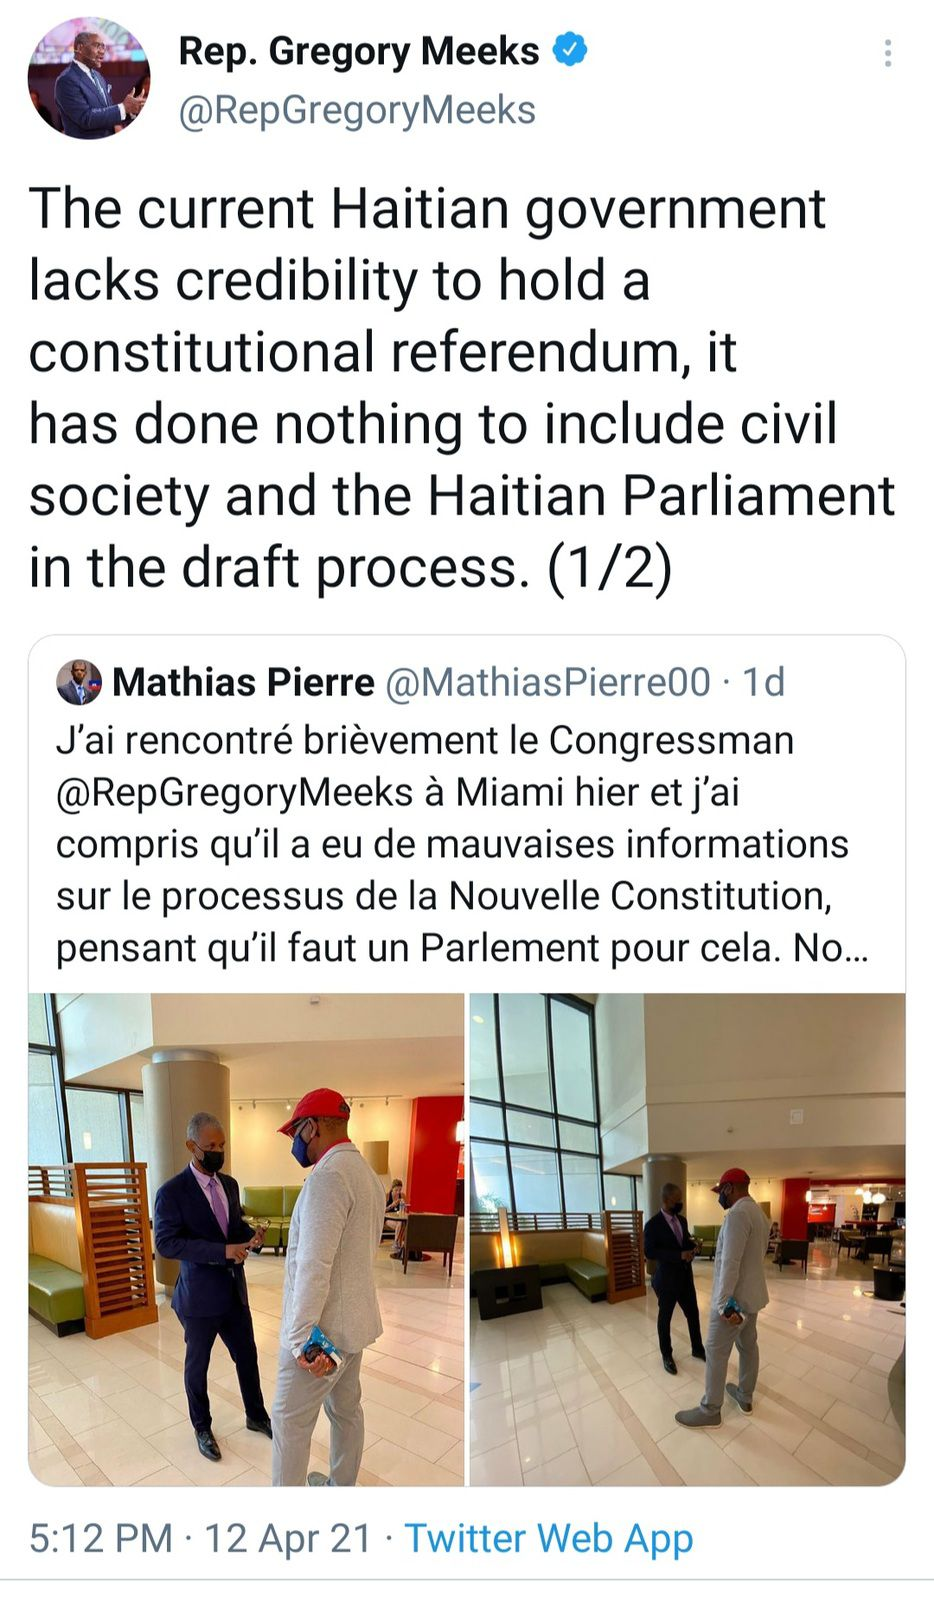 Le Congressman Gregory Meeks recadre le ministre Mathias Pierre